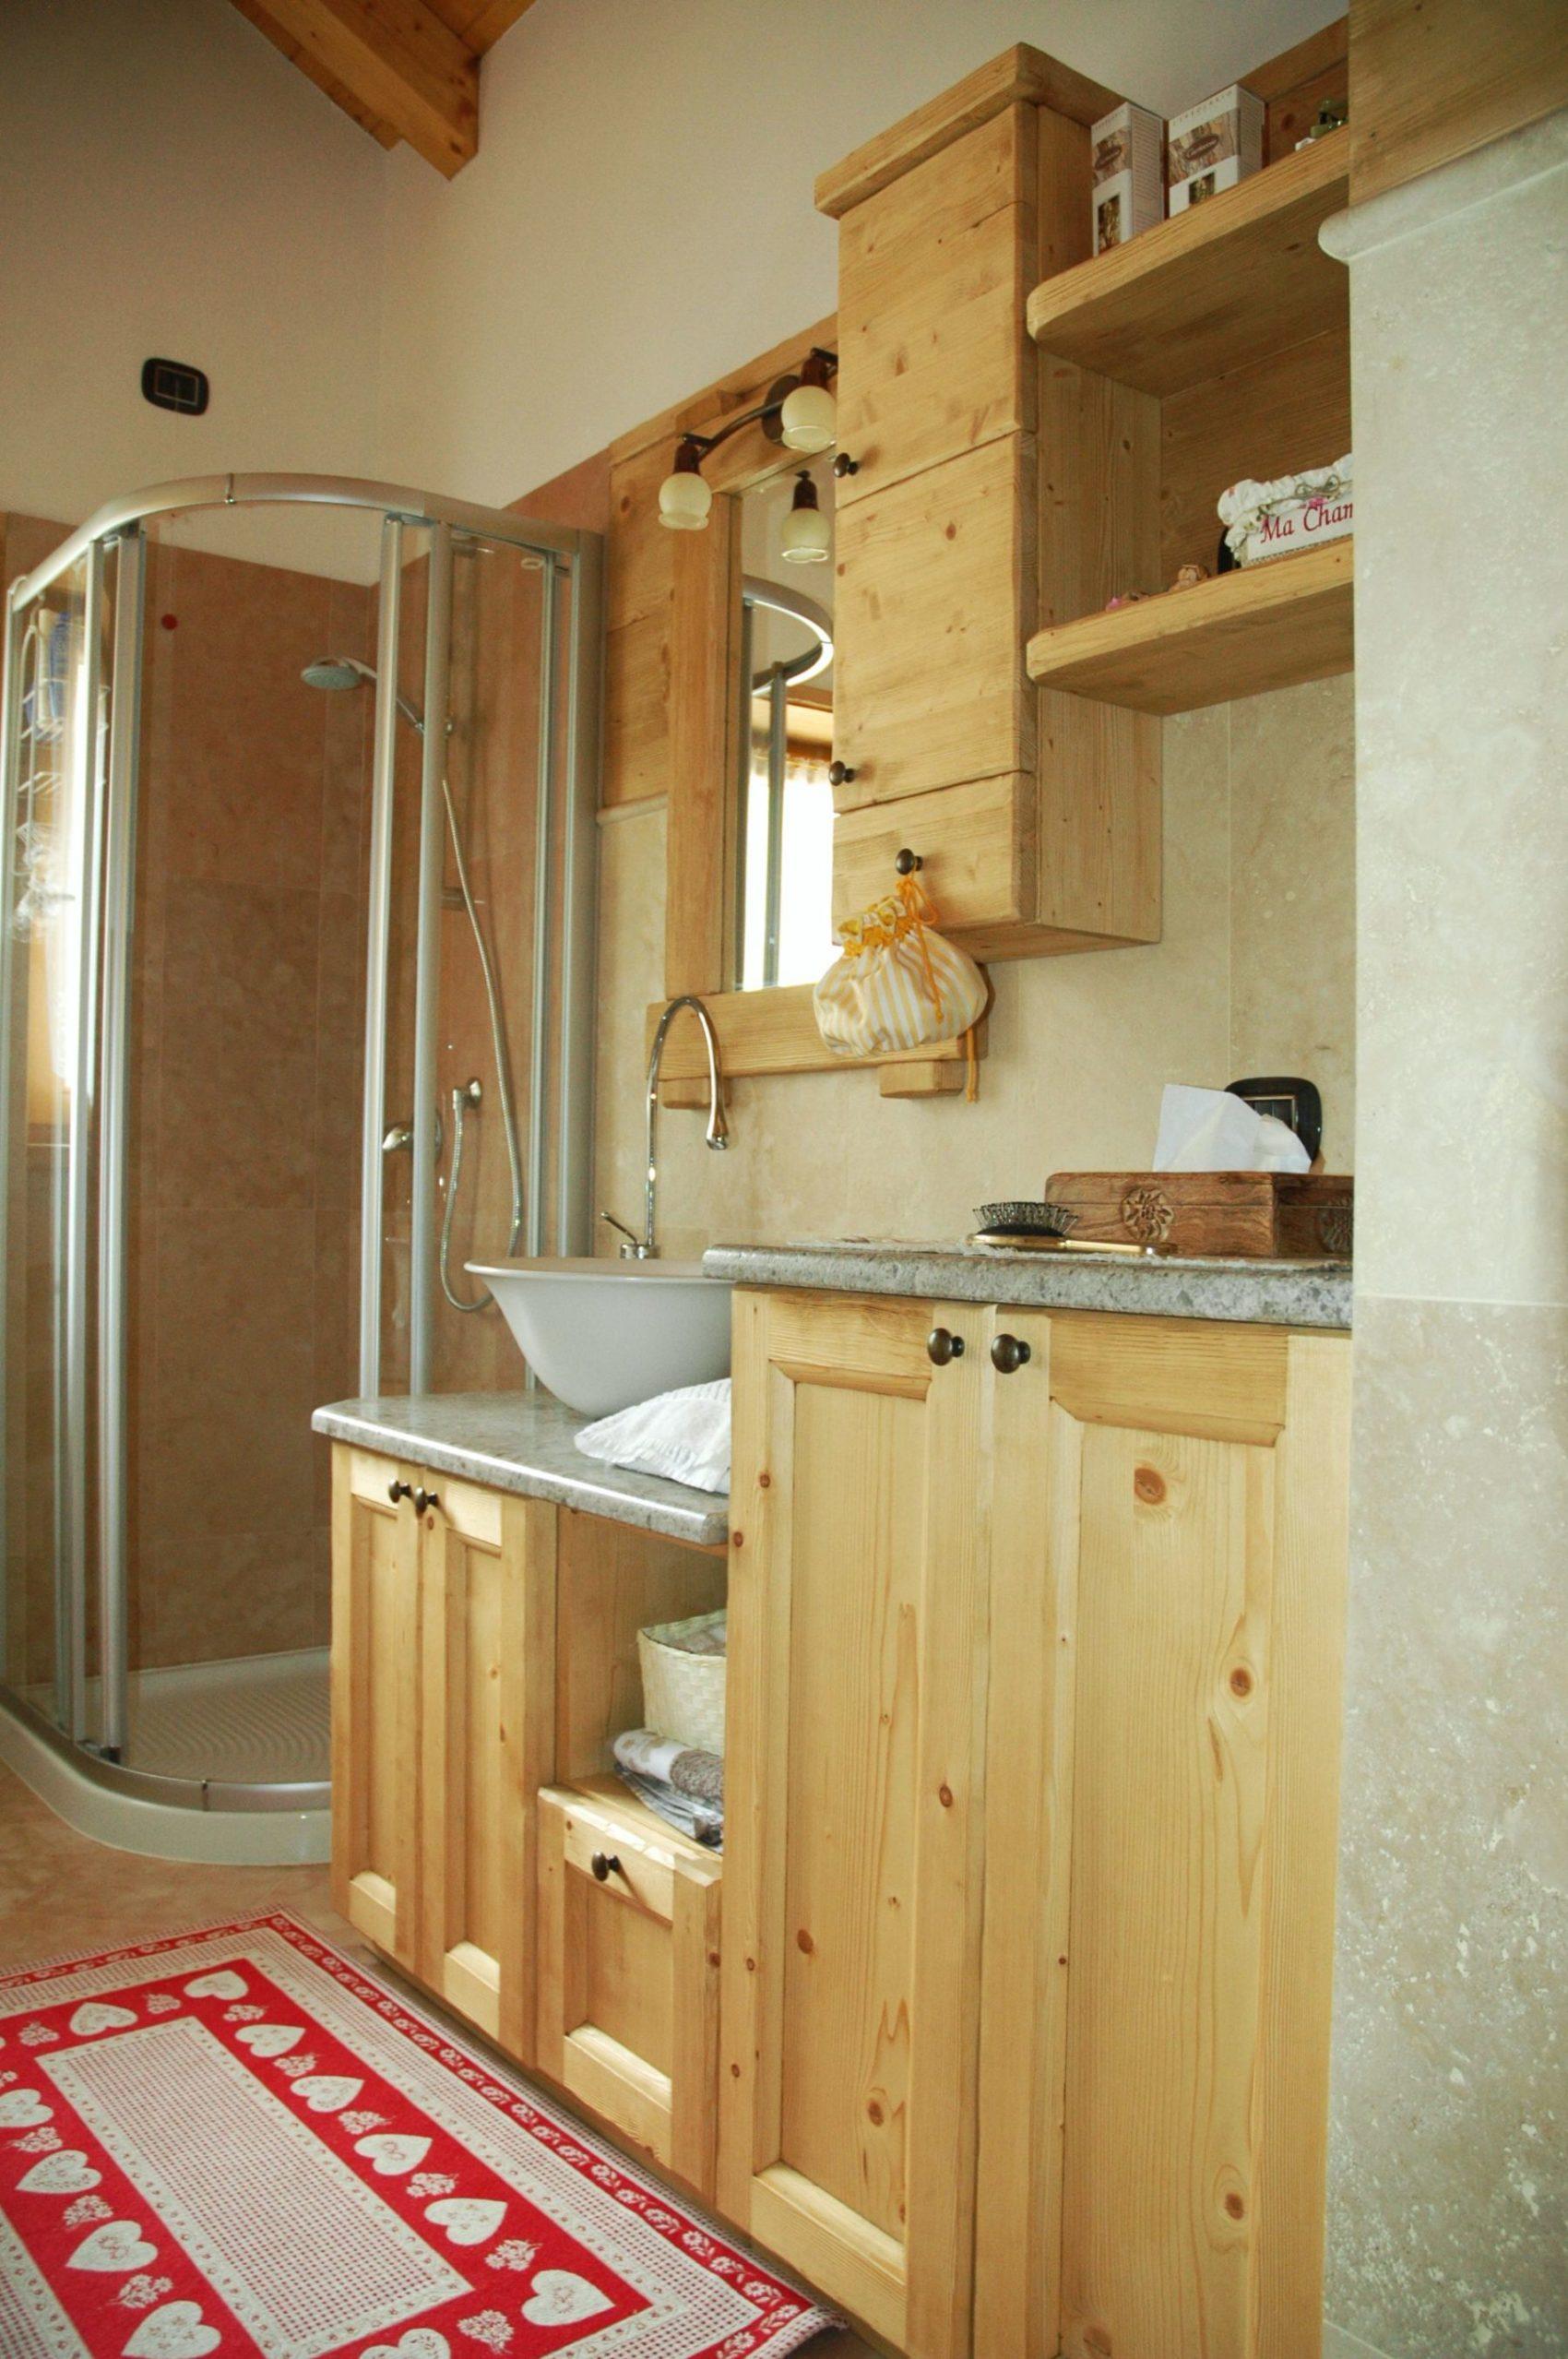 Il bagno la sgubia falegnameria artigianale a cencenighe agordino belluno - Arredo bagno belluno ...